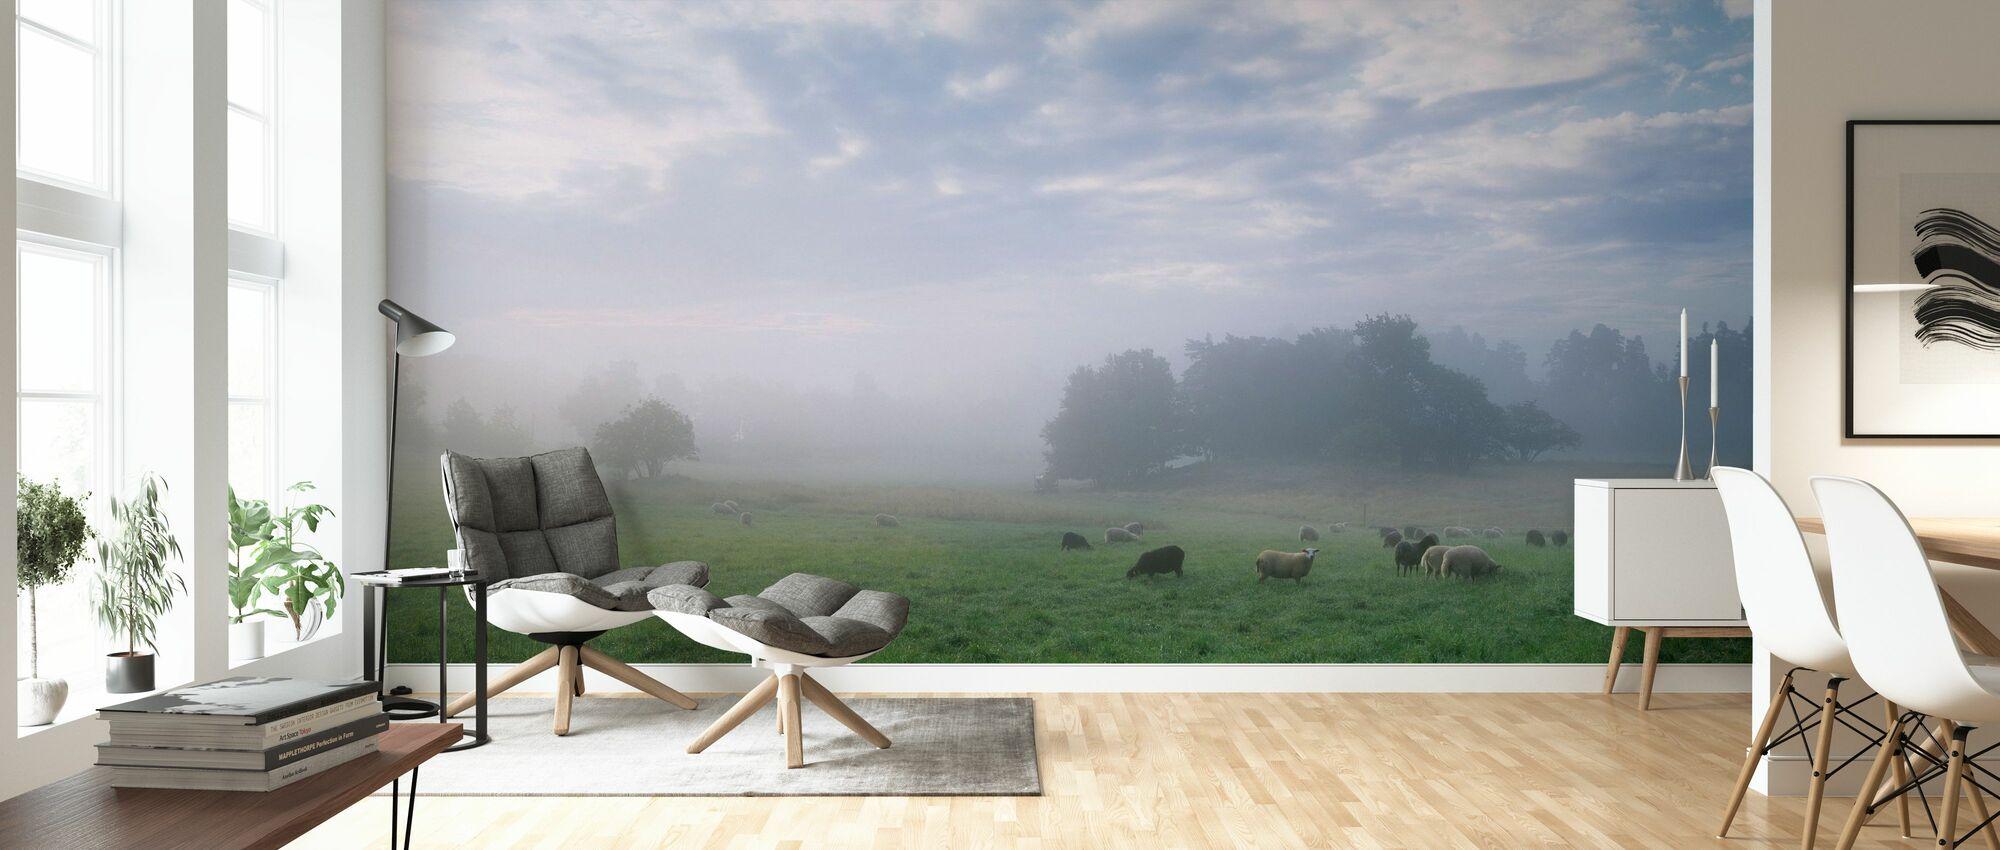 Får på betesmark i morgon dimma - Tapet - Vardagsrum